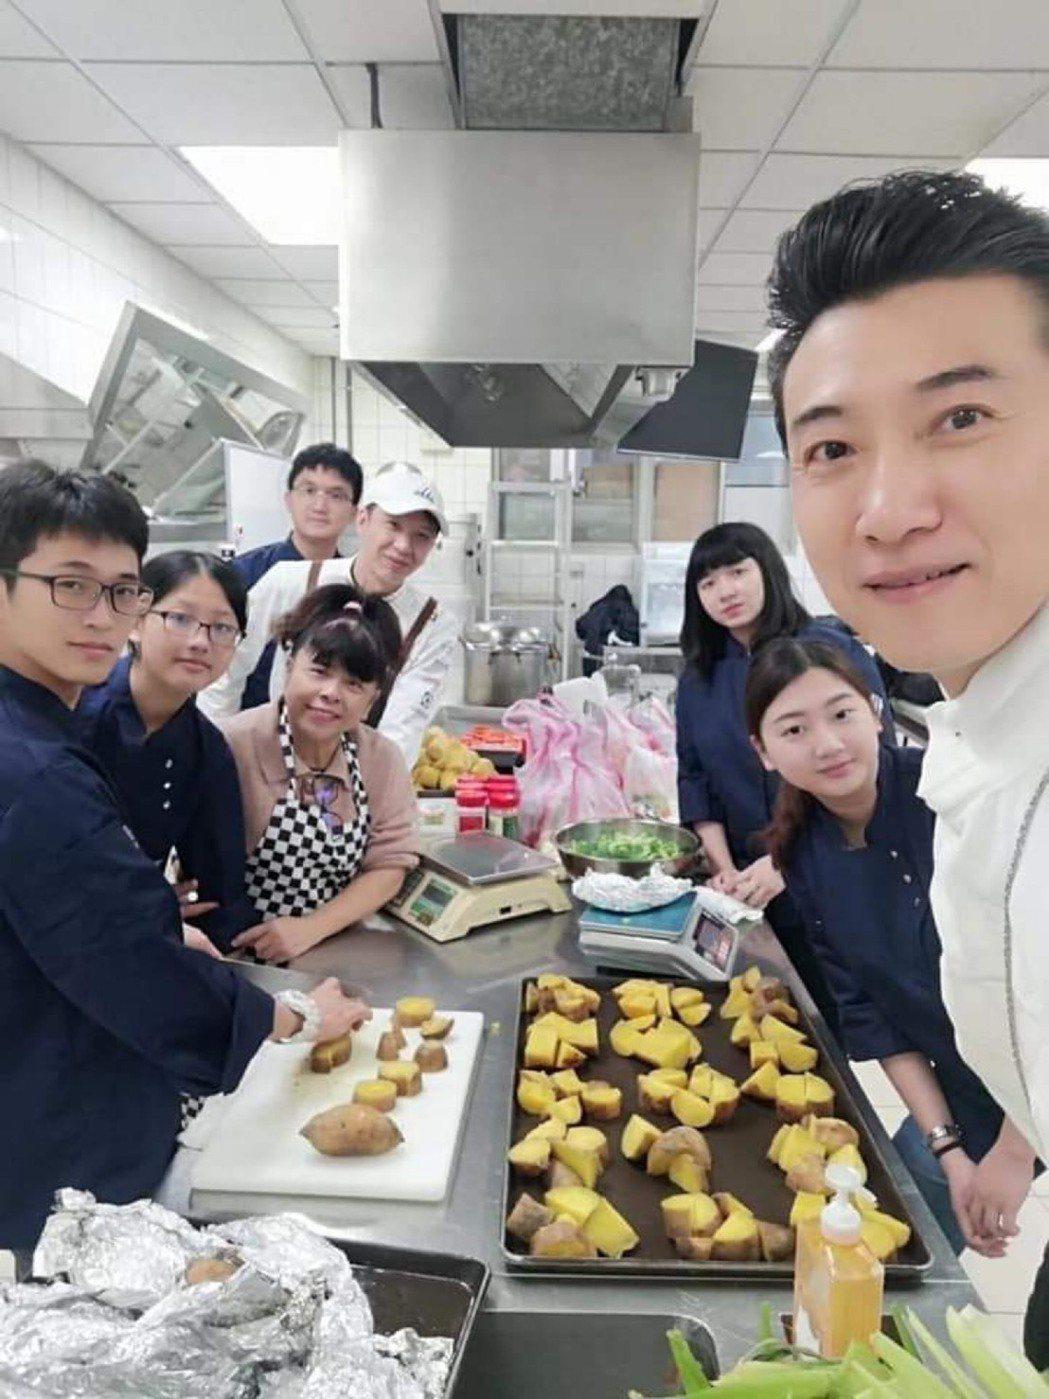 陳鴻(右)上課時面對37個學生,開學在即,他認為不該再像過去一樣群聚。圖/陳鴻提...